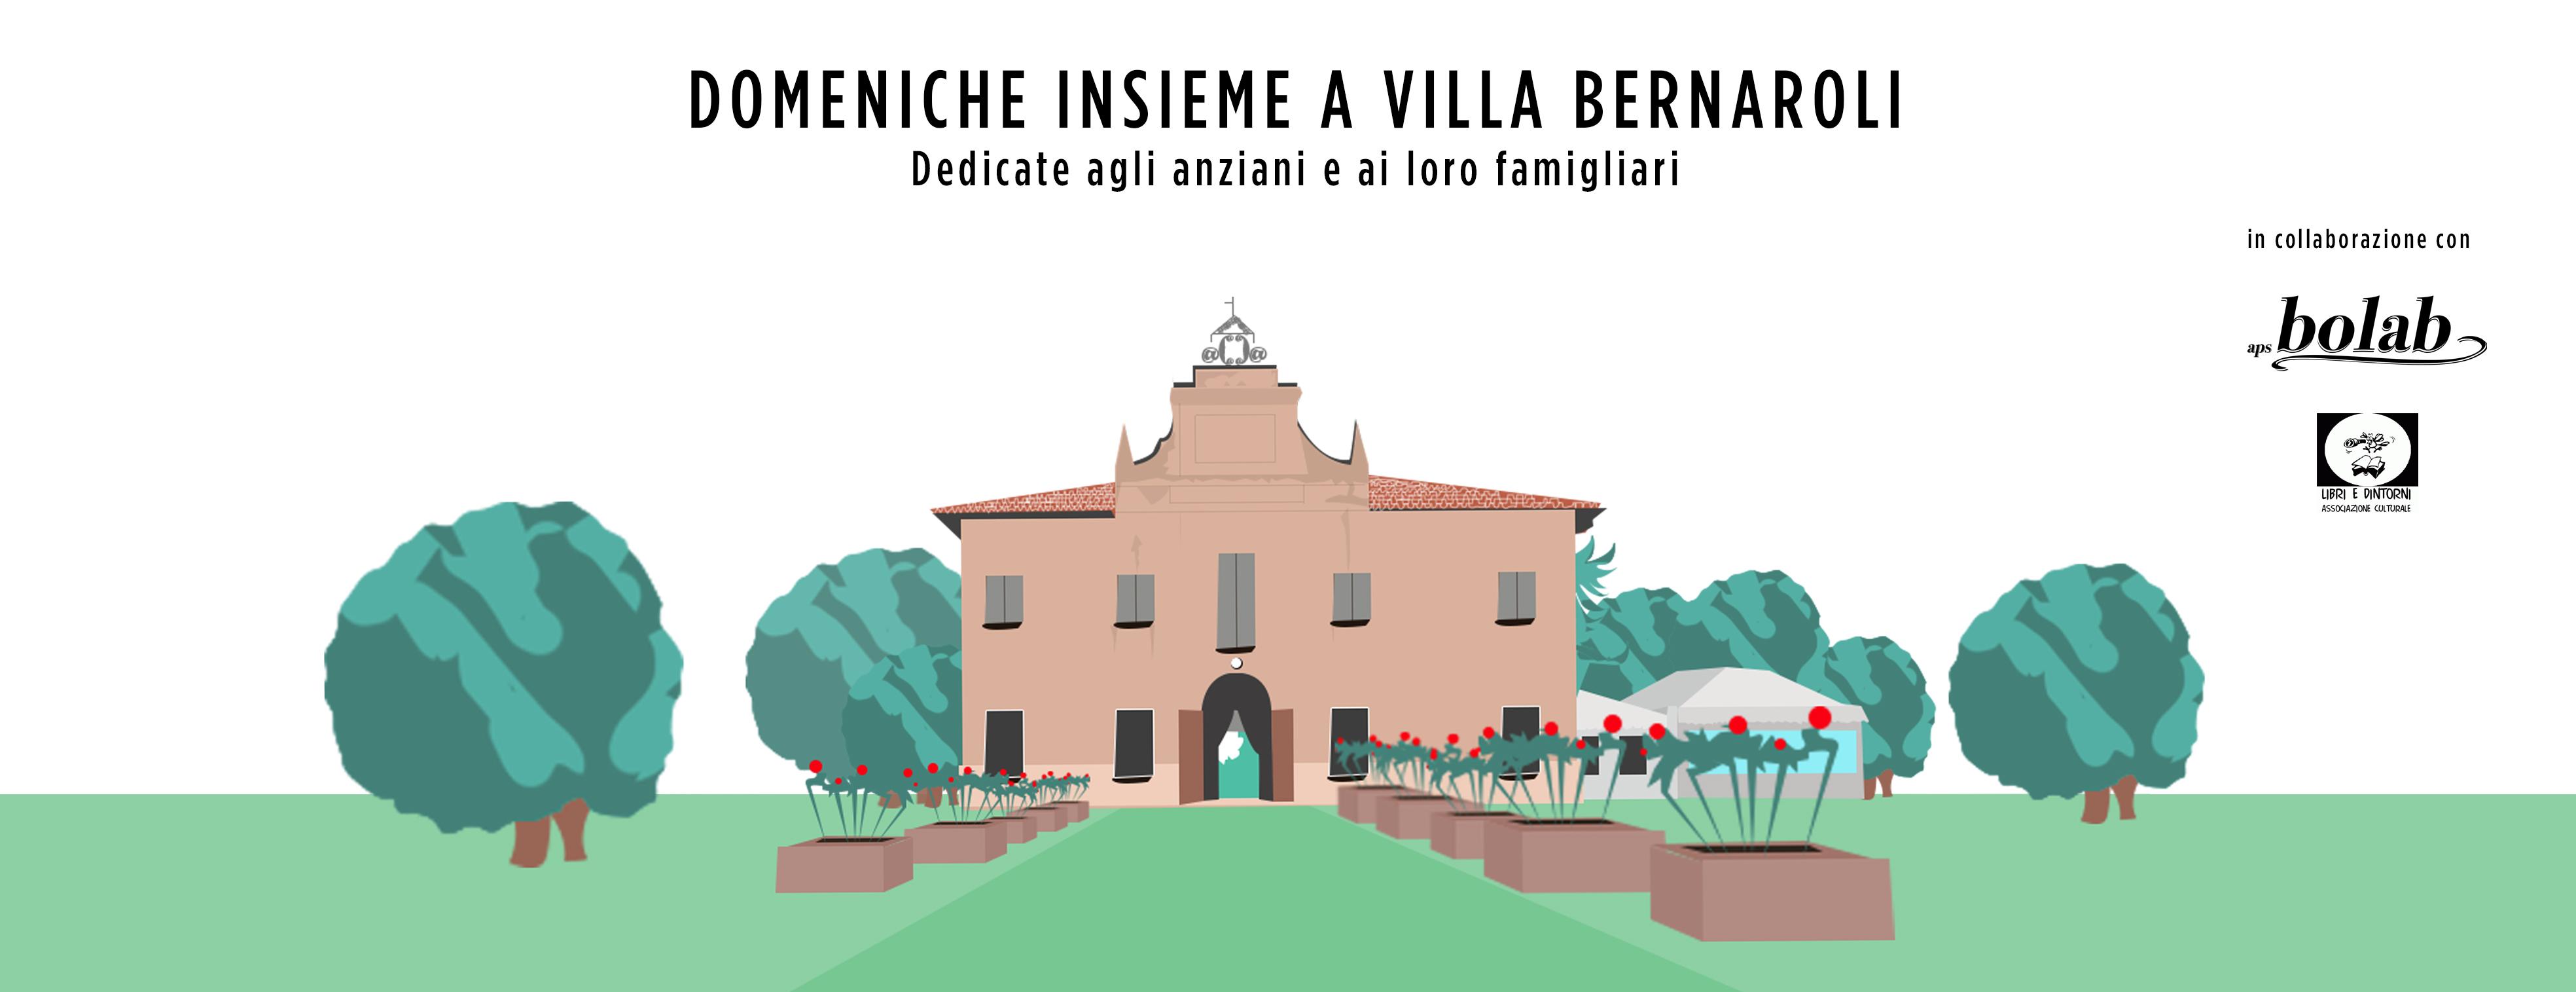 Domeniche a Villa Bernaroli organizzate da Aps Bolab